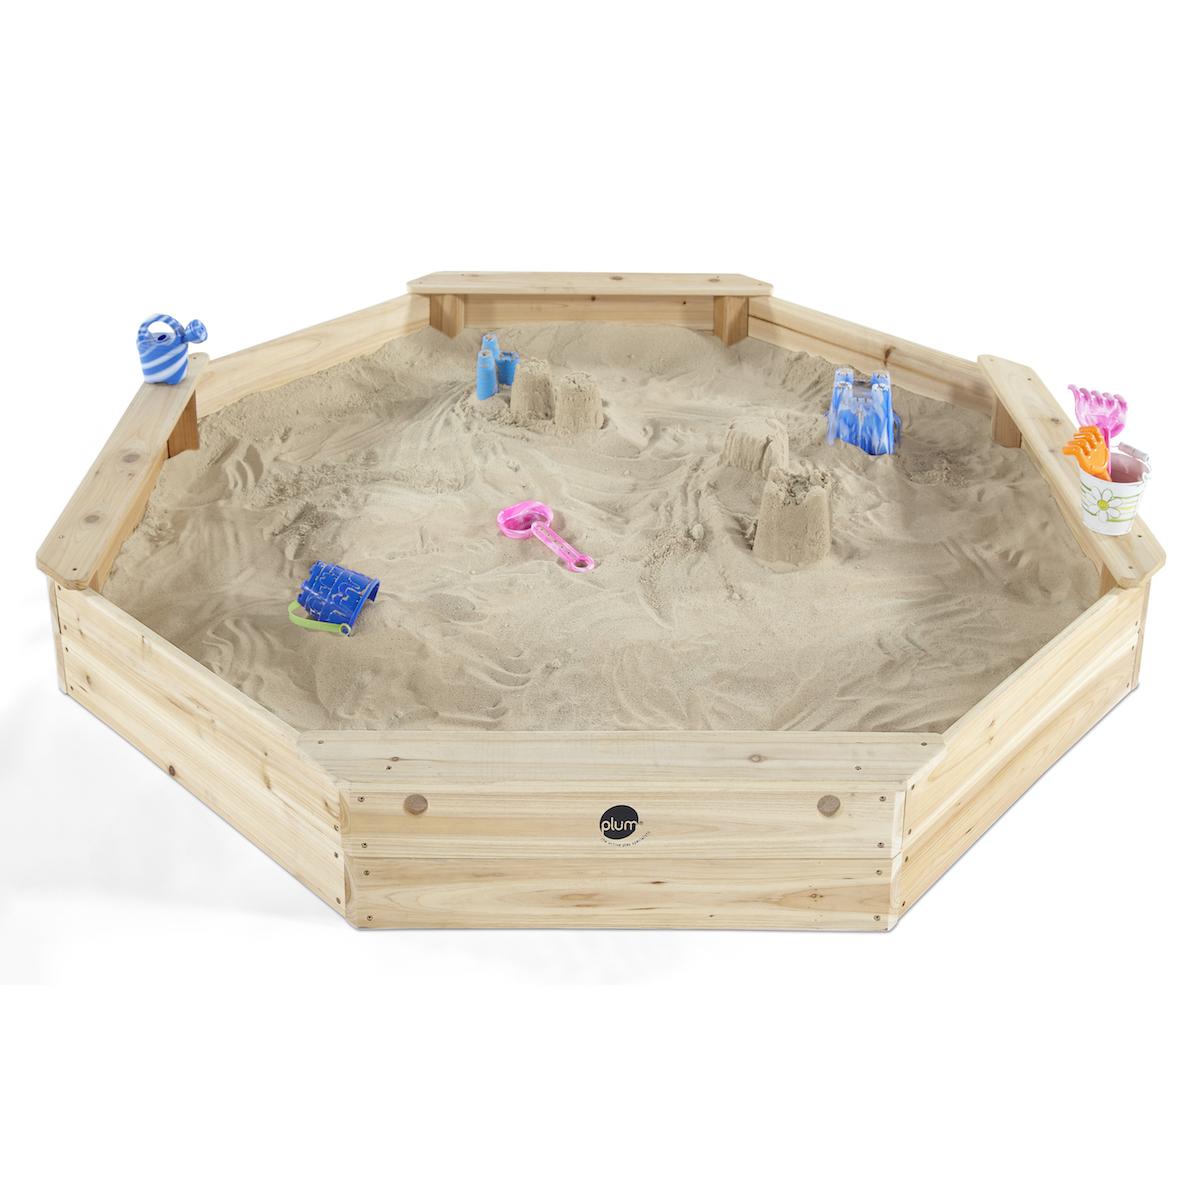 Plum gigantischer Kinder Sandkasten aus Holz mit Sitzbänken und Schutzhülle